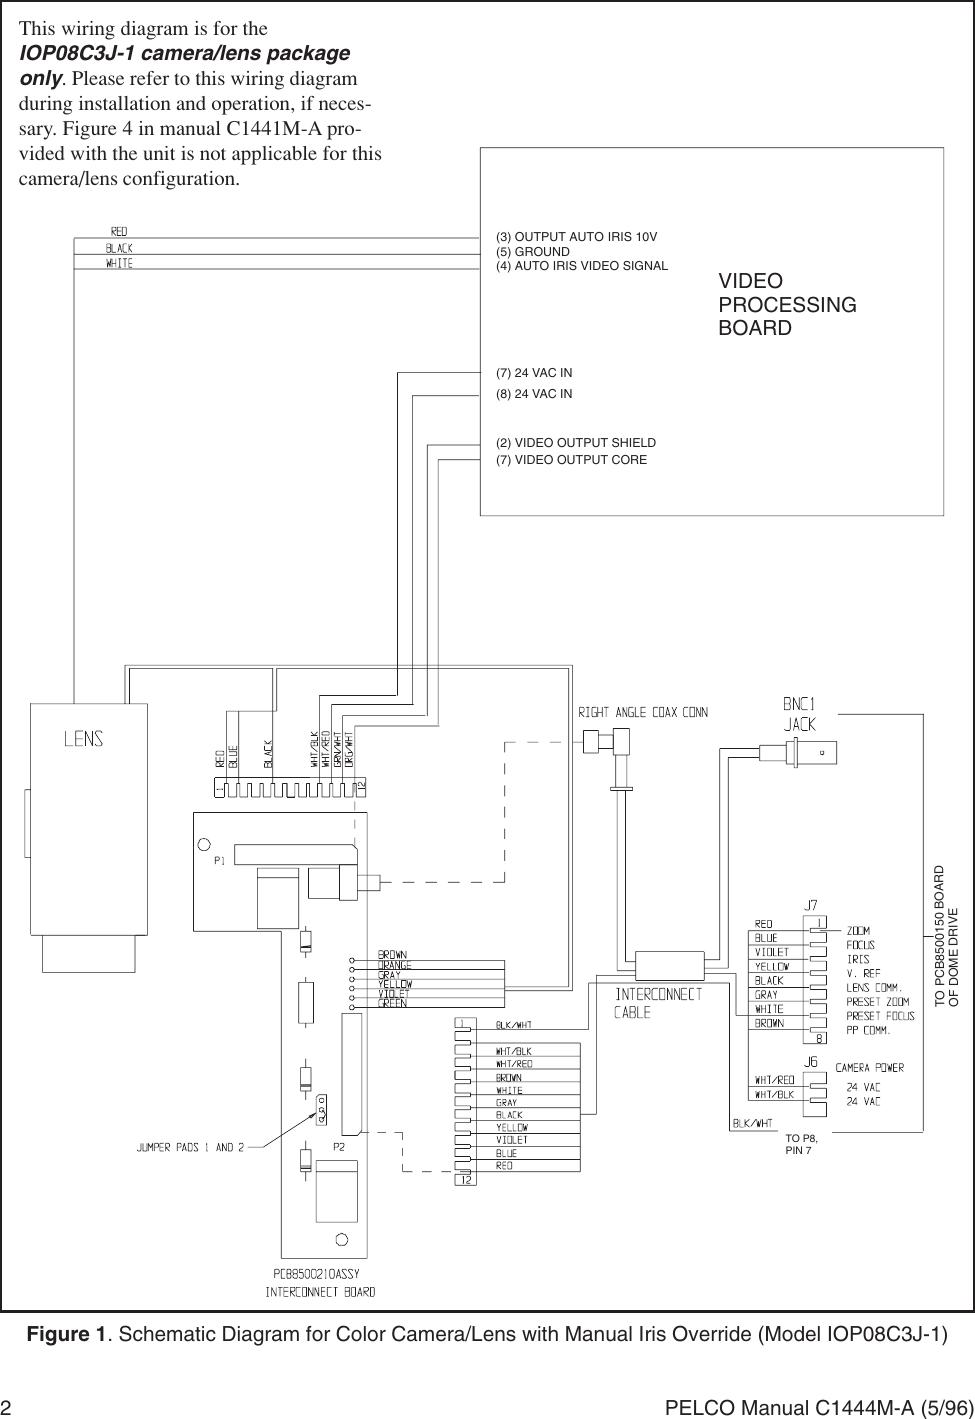 Page 2 of 2 - Pelco Pelco-Camera-Lens-Iop08C3J-1-Users-Manual- IOP08C3J-1 Camera_Lens Wiring Diagram For IDS08 Intercept Series Dome_manual  Pelco-camera-lens-iop08c3j-1-users-manual